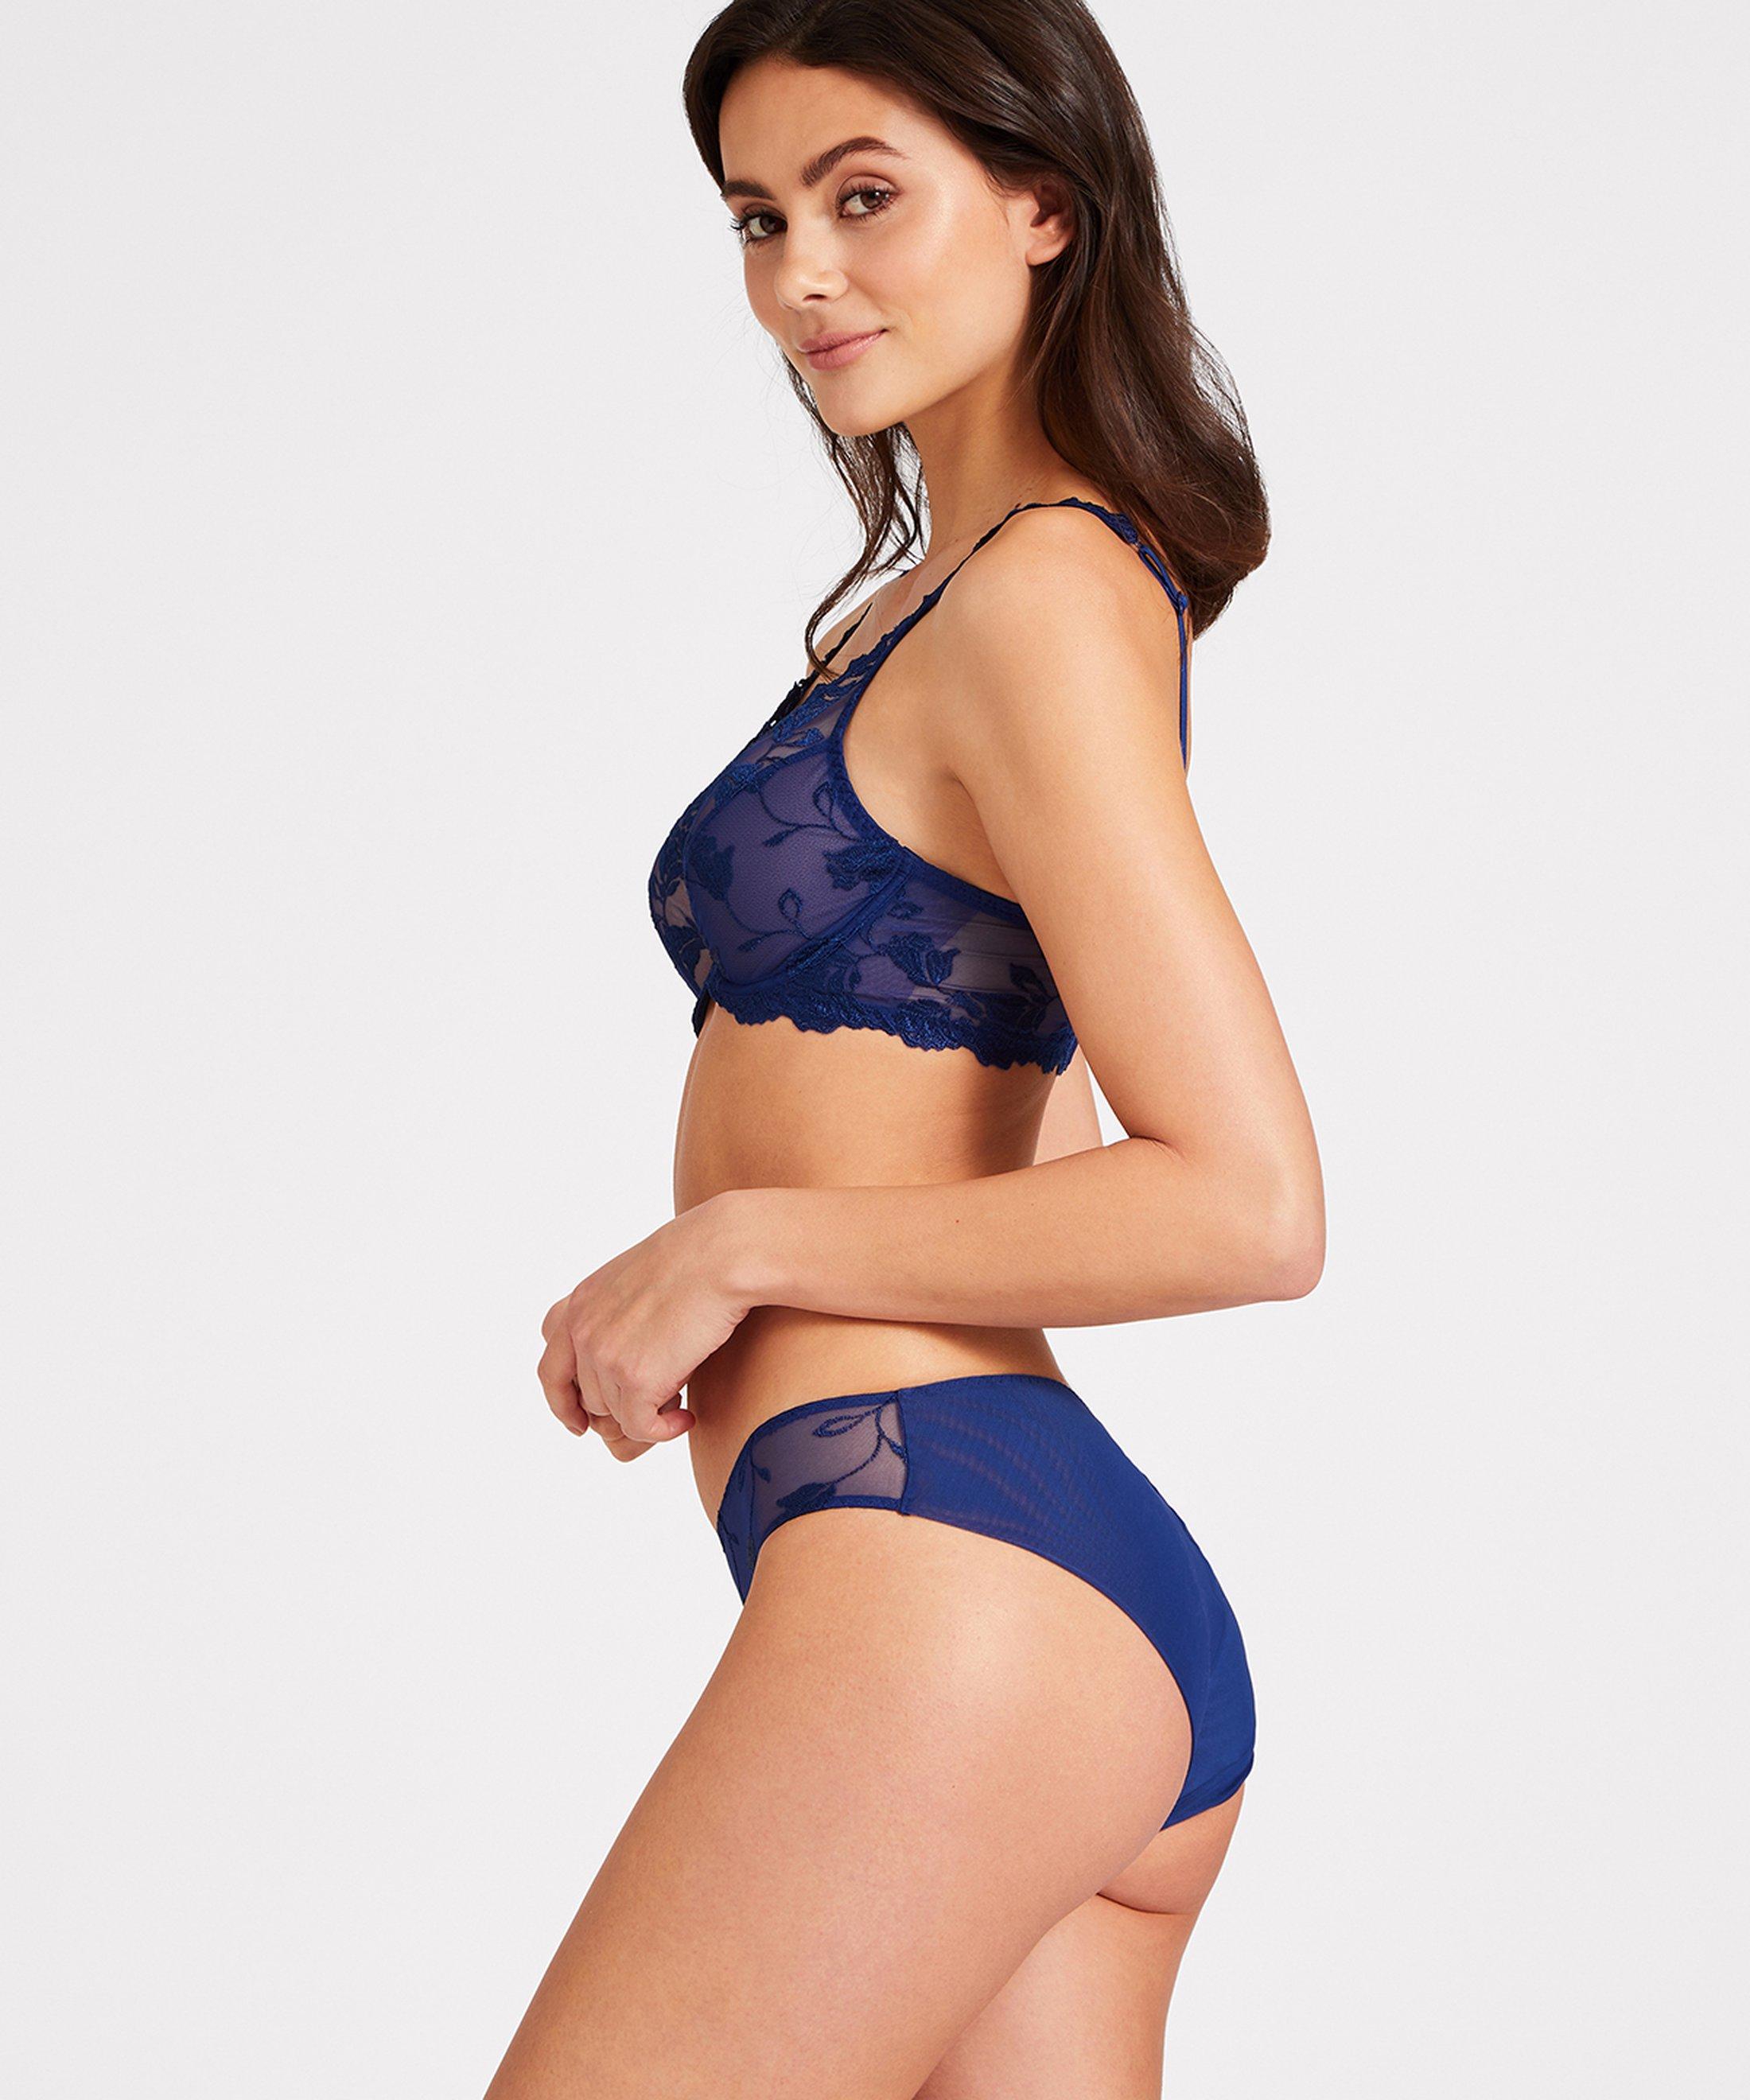 SOFTESSENCE Soutien-gorge triangle avec armatures Bleu Saphir   Aubade